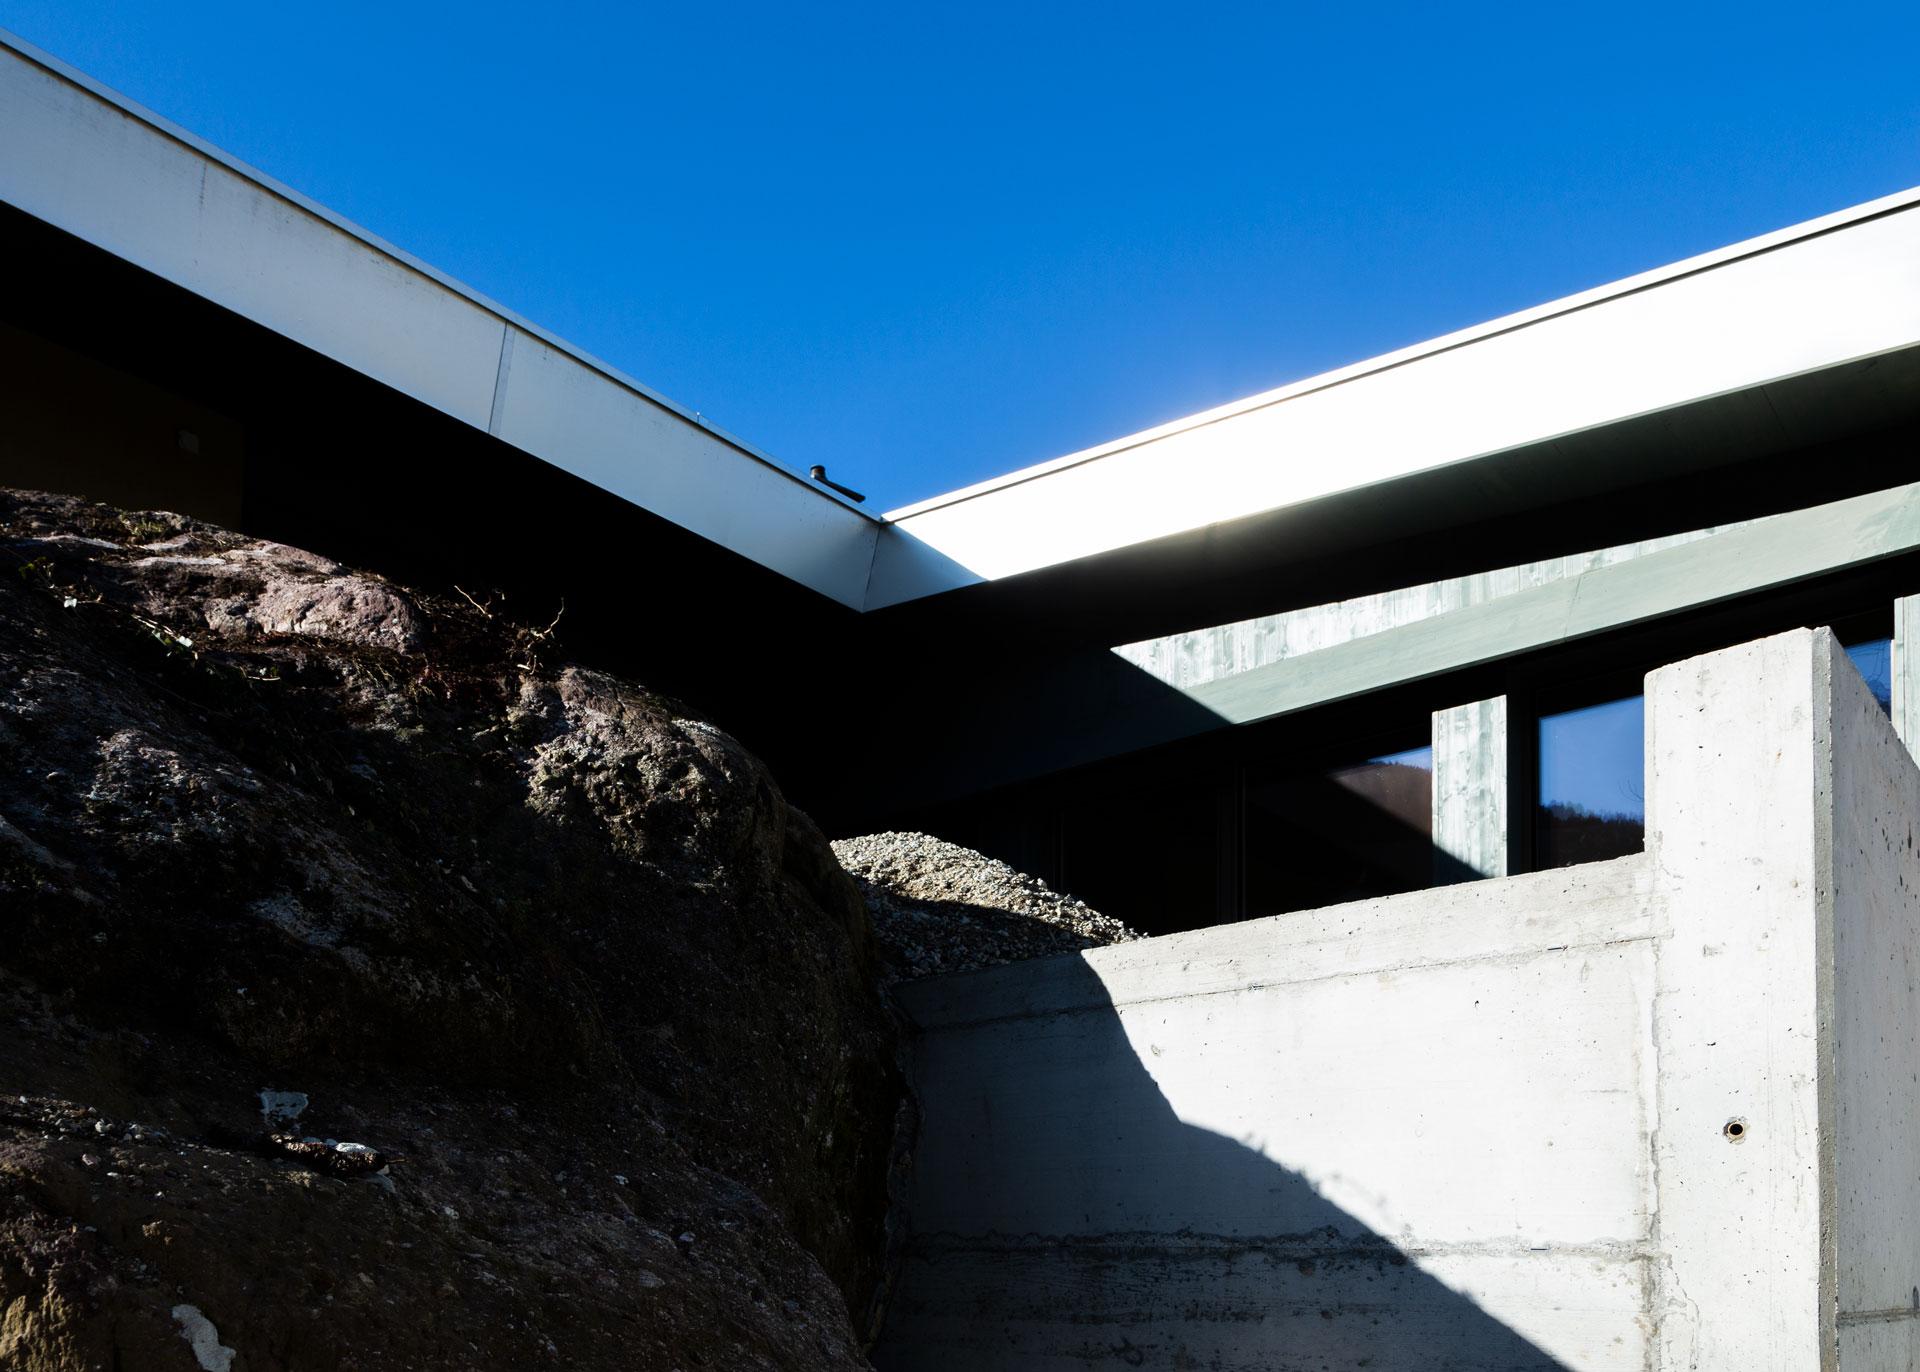 Das Leuchtende Aluminiumdach und die rauhen Steinoberflächen bilden starke Kontraste